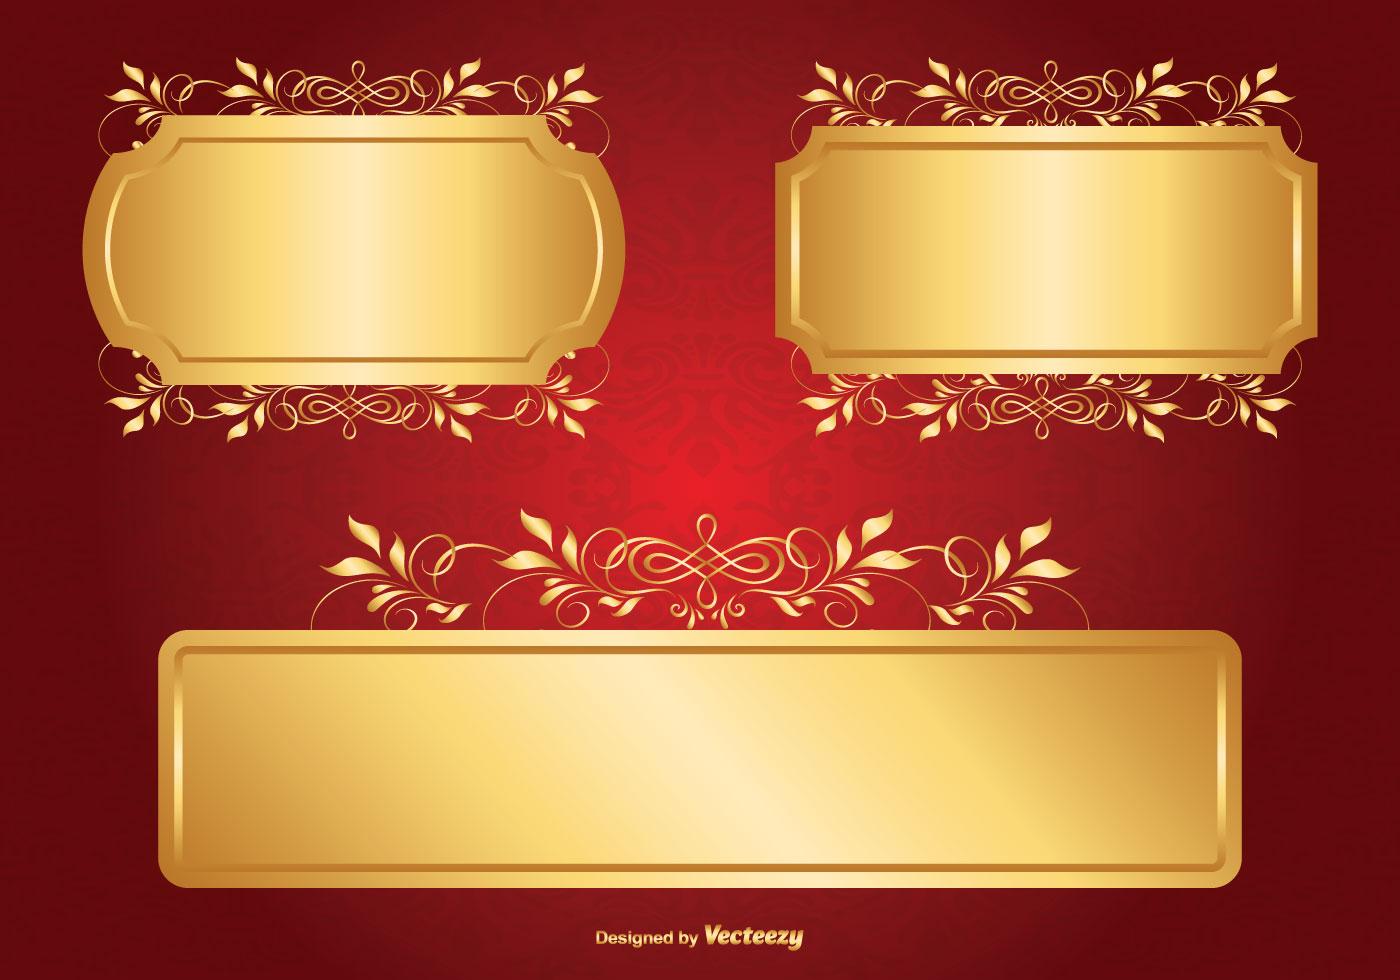 3d Silk Effect Wallpaper Gold Label Free Vector Art 10782 Free Downloads